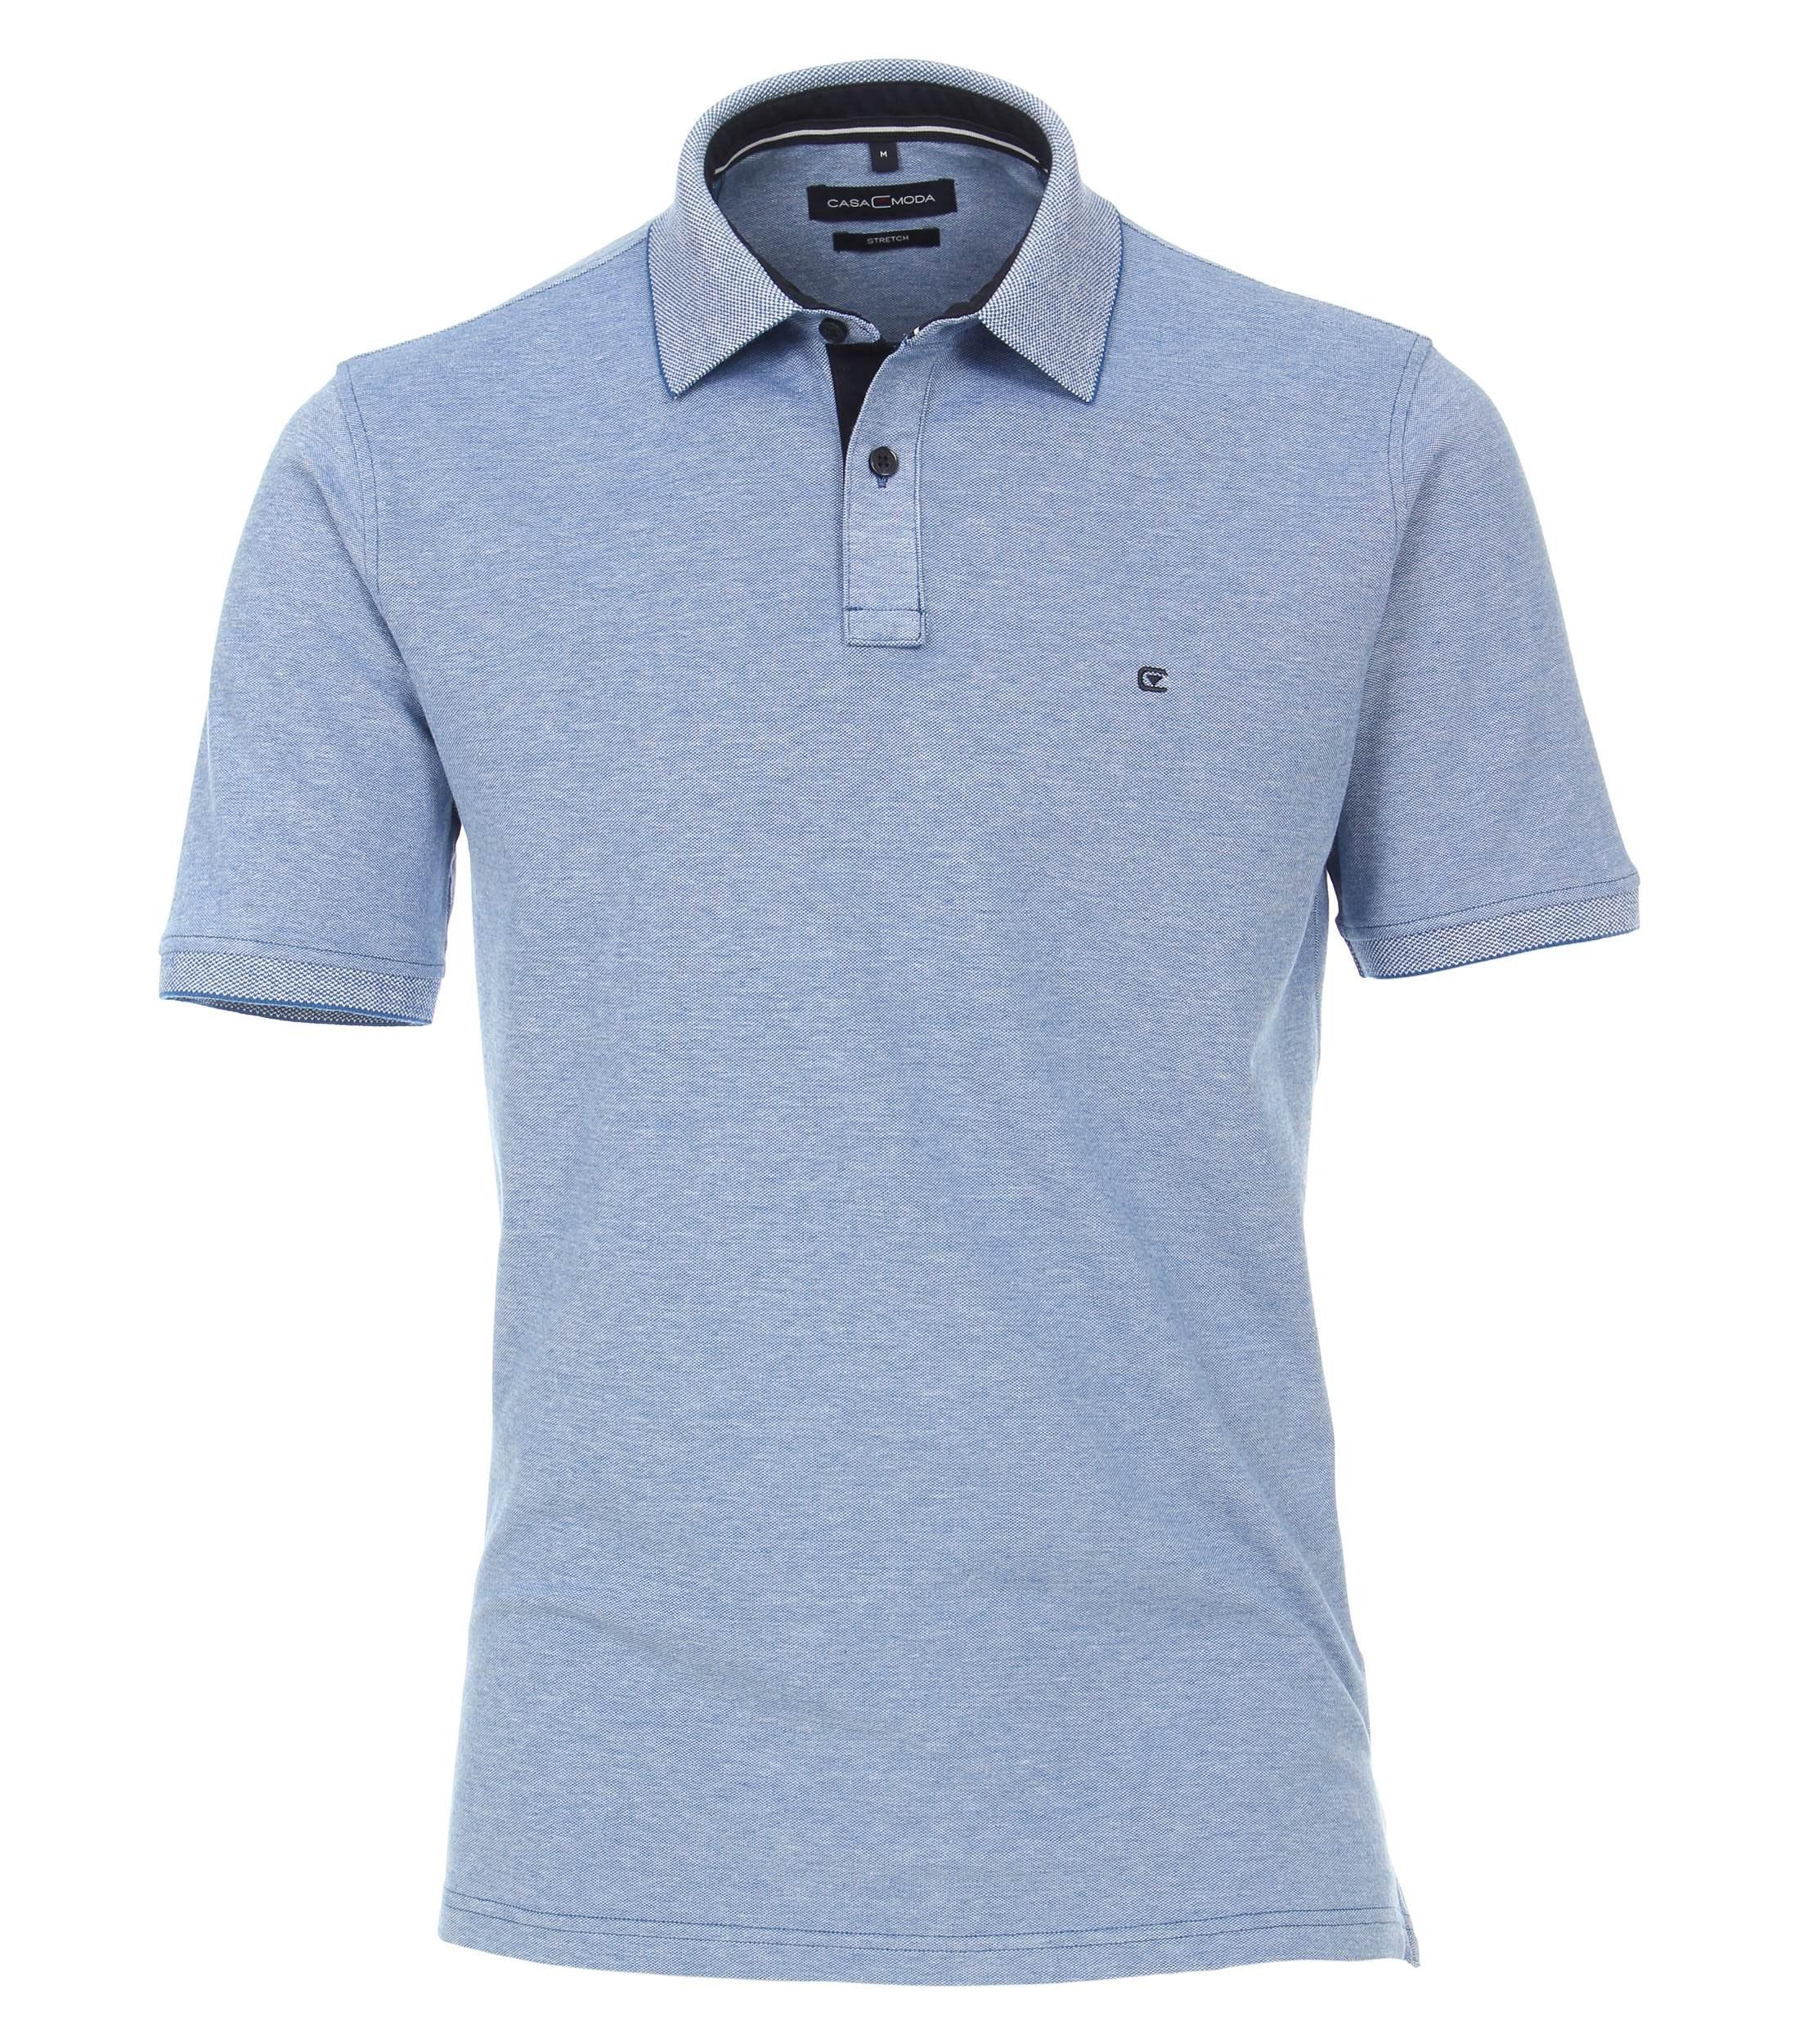 CasaModa Polo-Shirt, blau